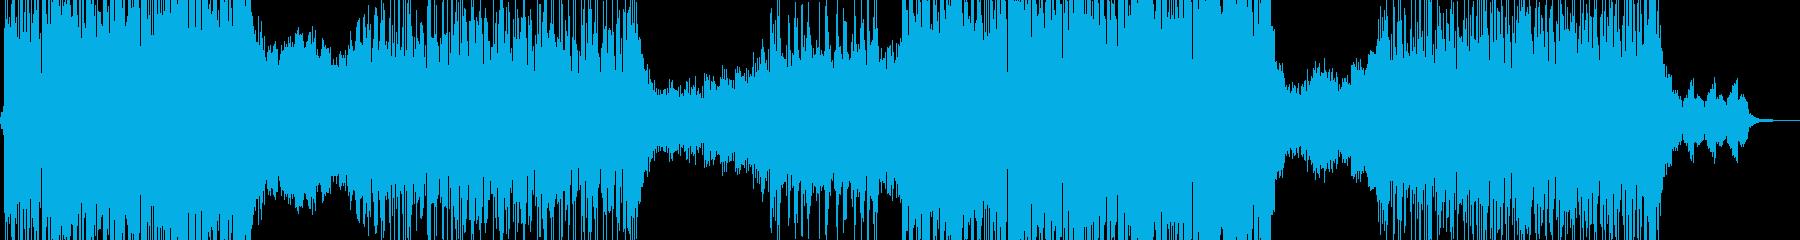 近未来・シックな変拍子R&Bポップ 短尺の再生済みの波形